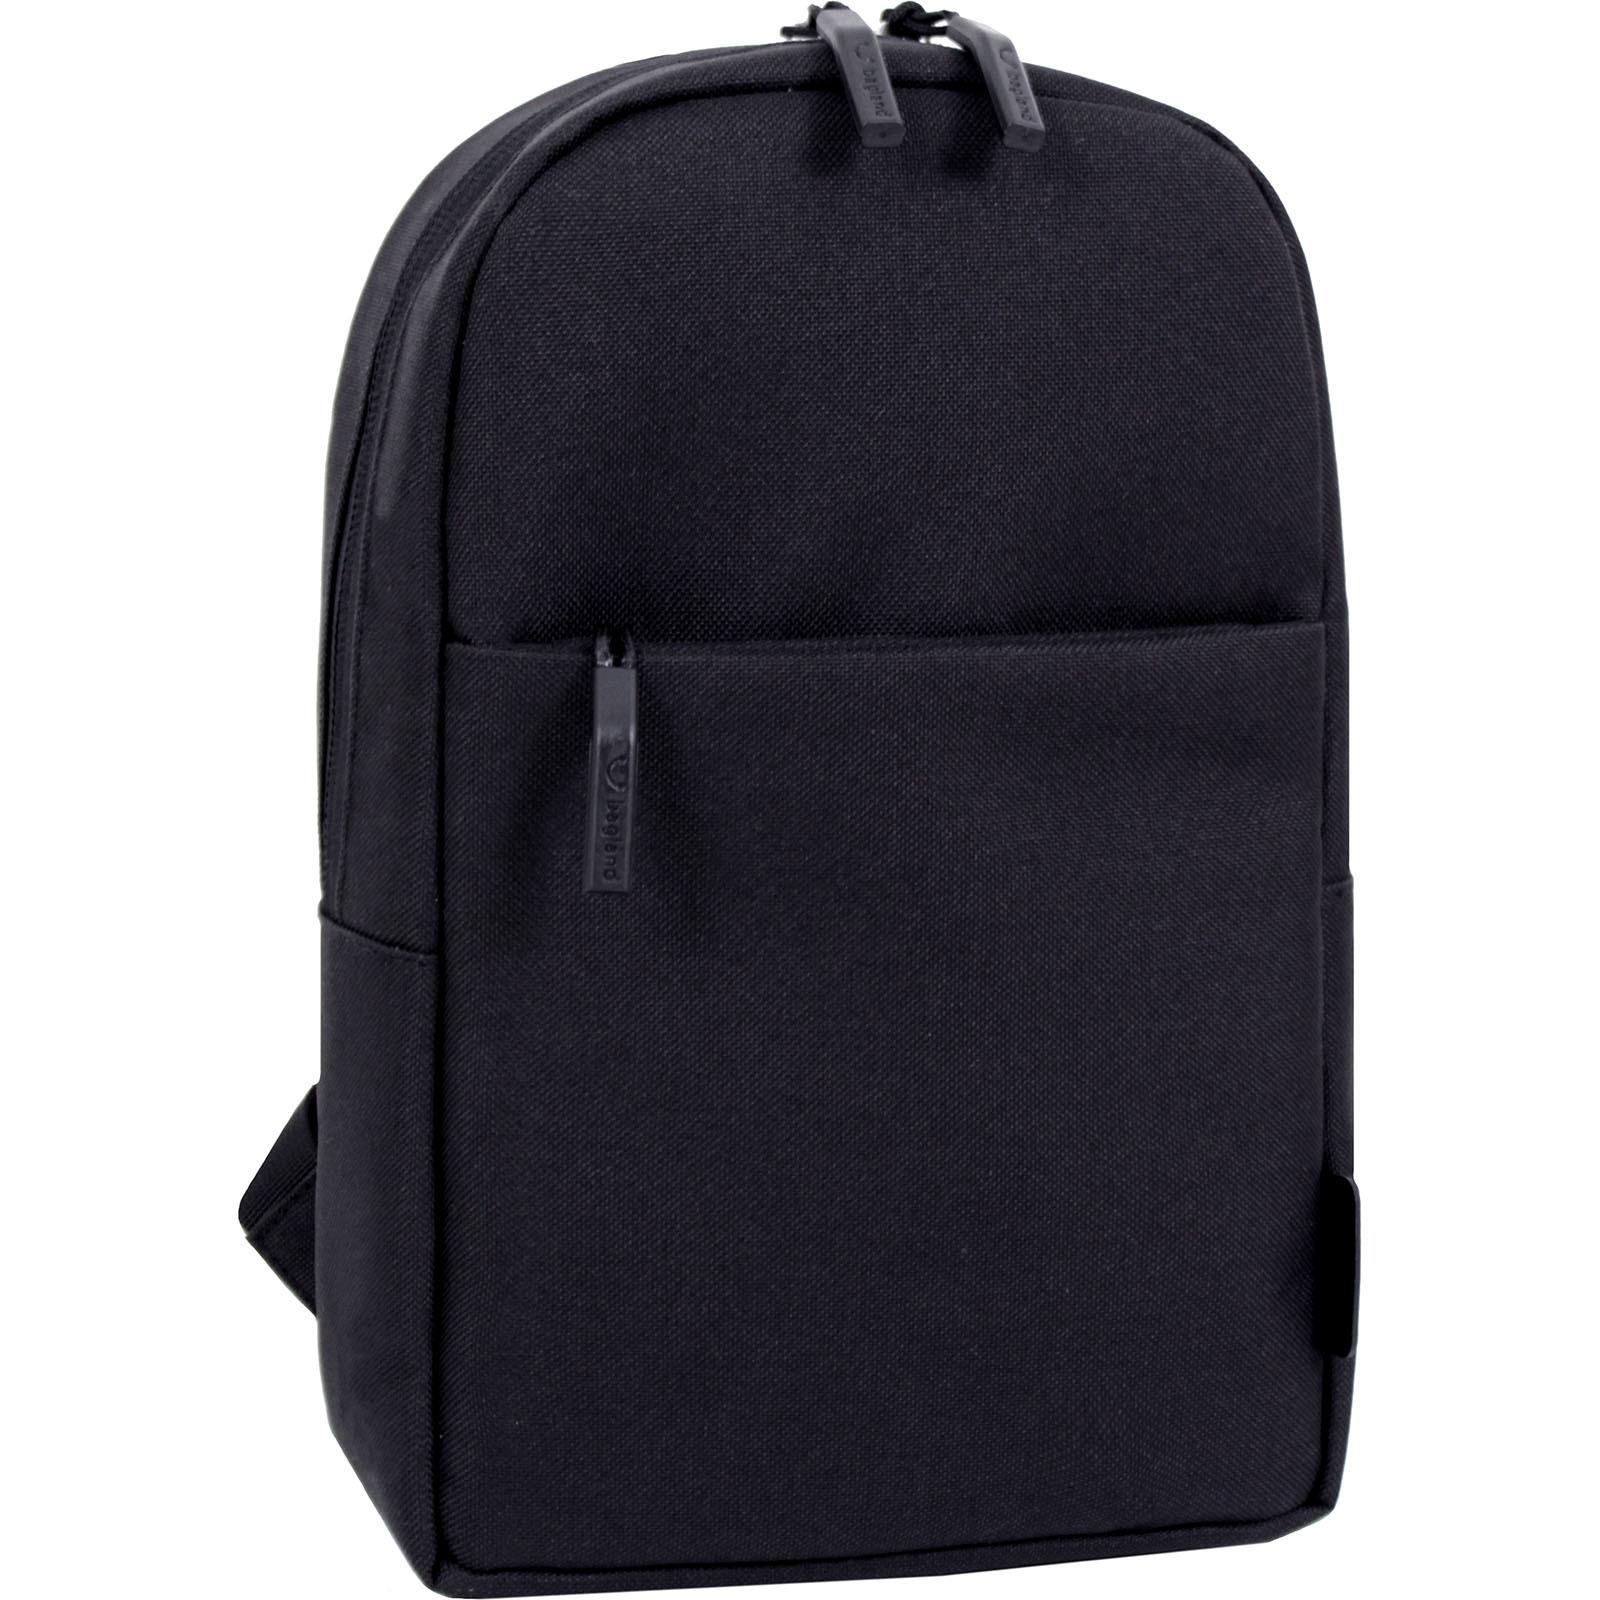 Маленькие рюкзаки Рюкзак Bagland Kidney 3 л. черный (0015166) IMG_3951.JPG